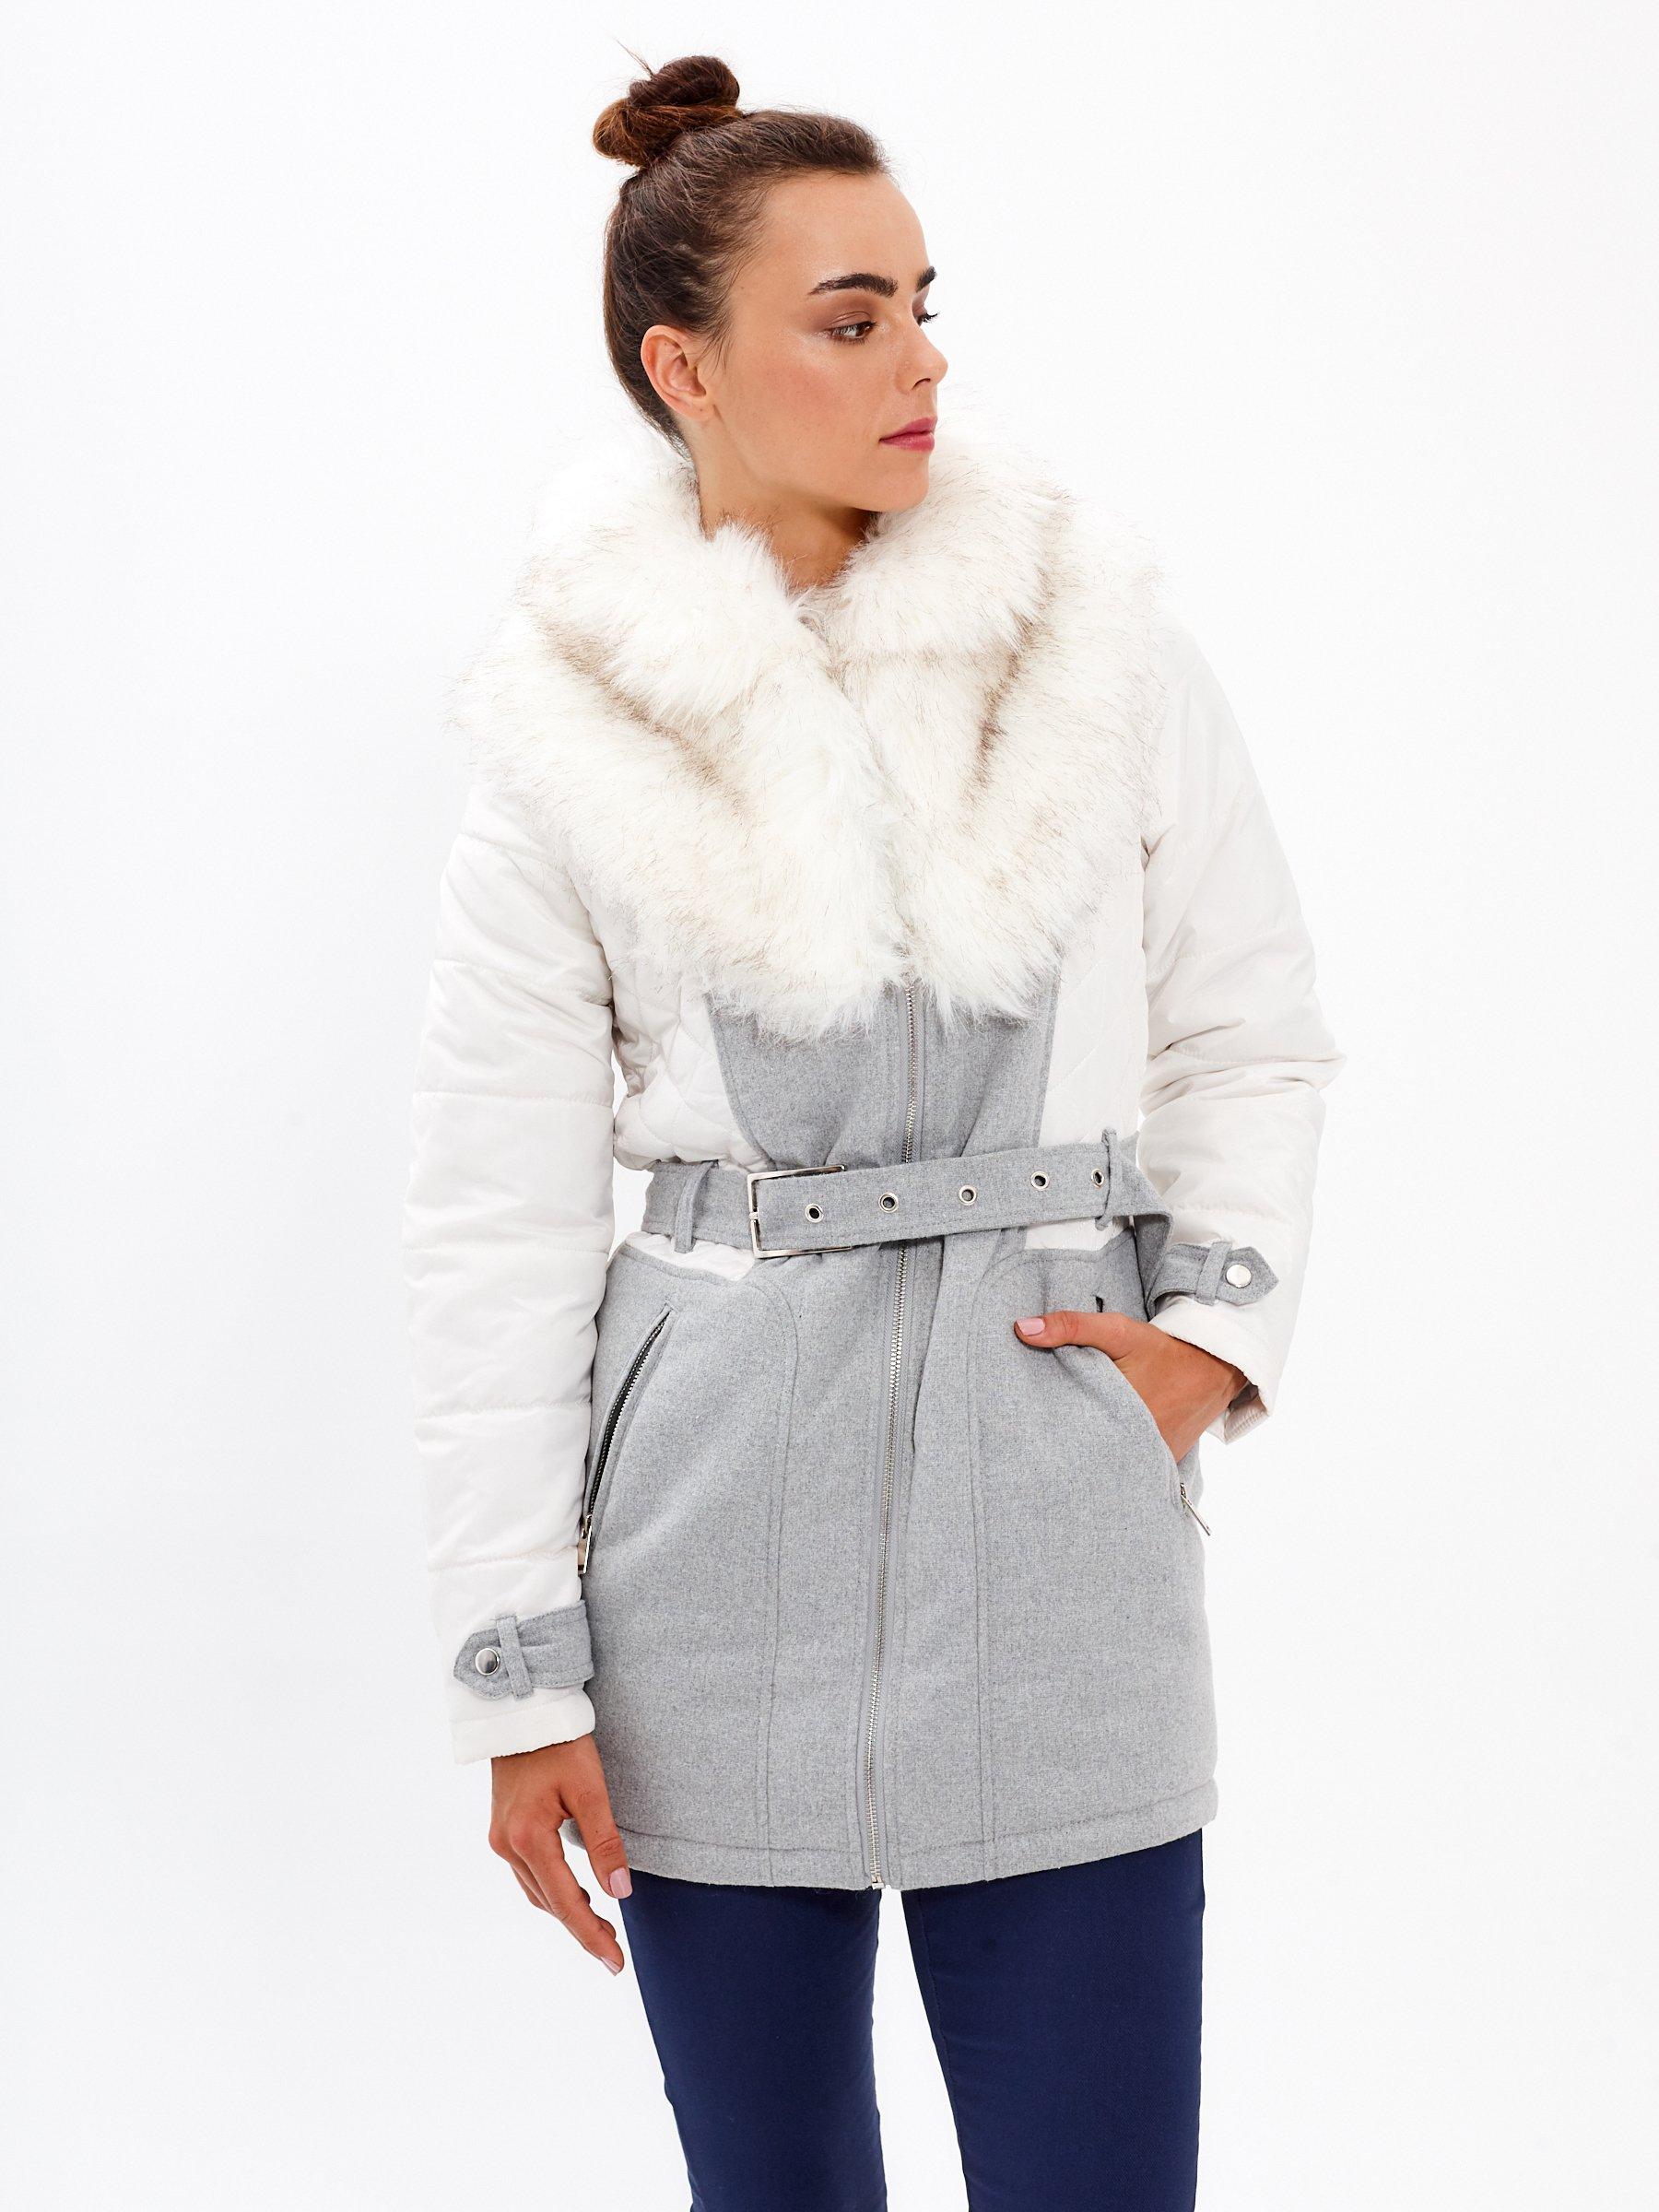 d7b7e2224 Kombinovaný vatovaný kabát s umelou kožušinou | GATE